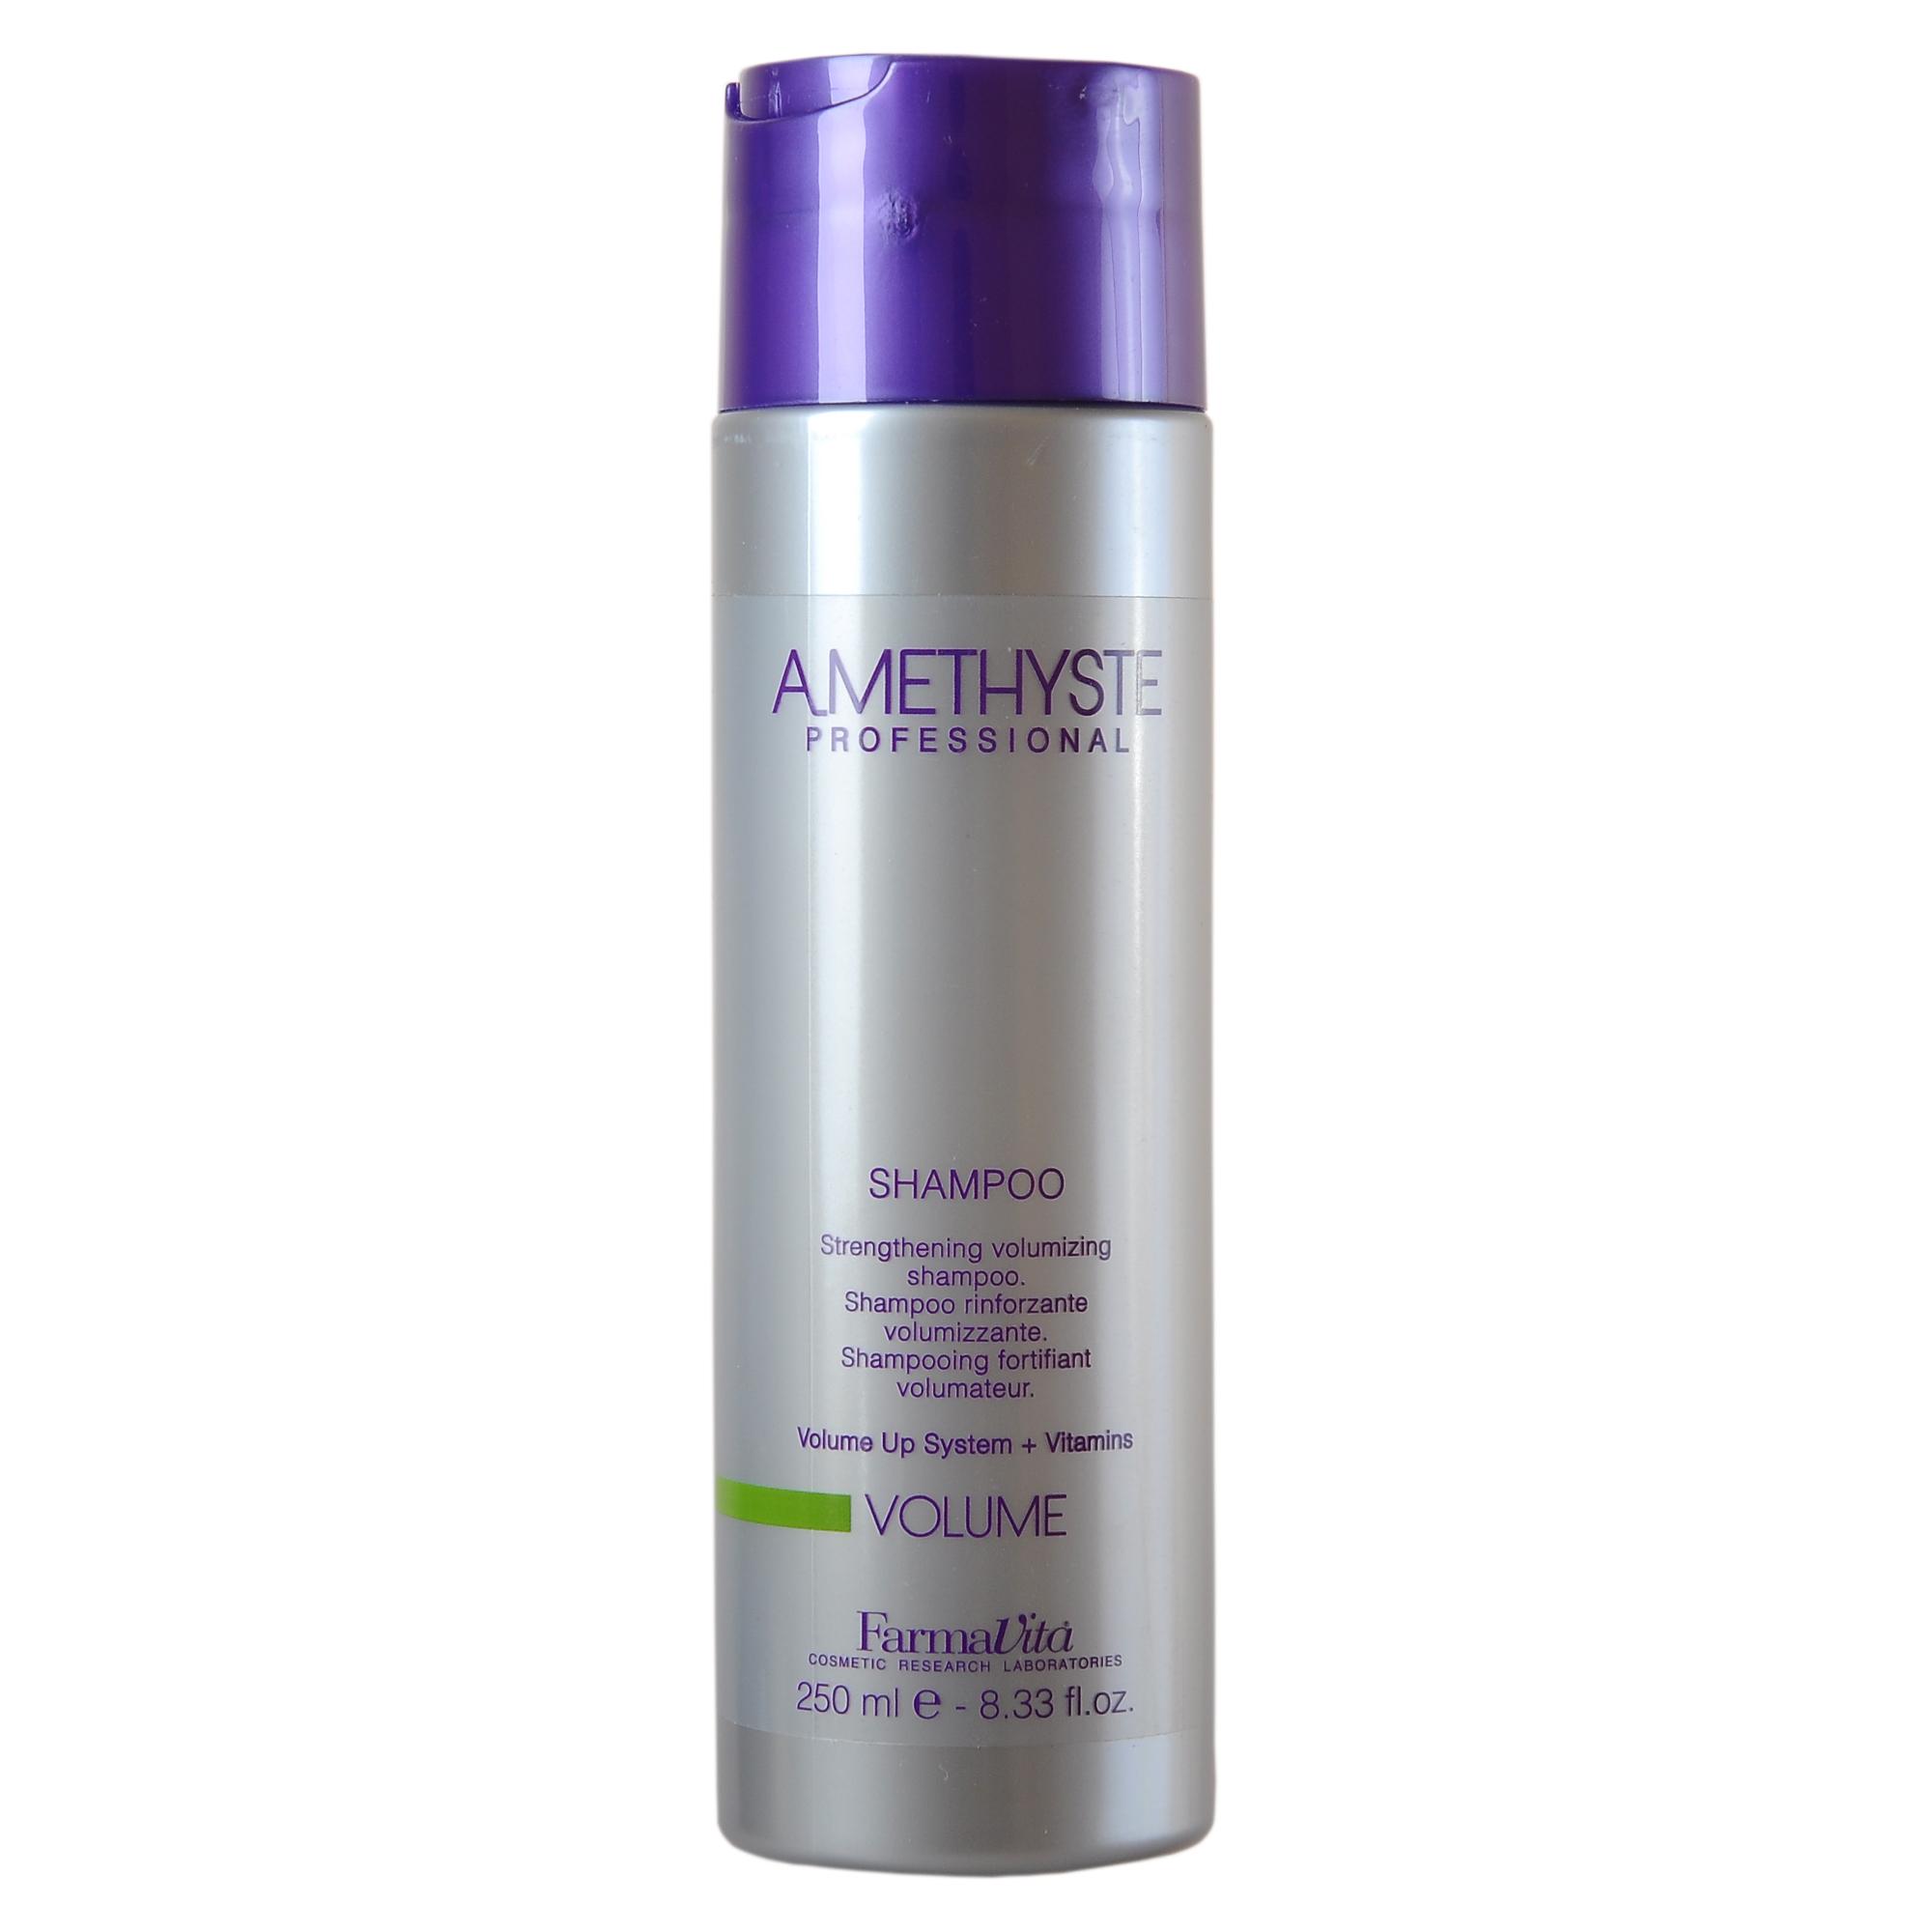 FARMAVITA Шампунь для объема Amethyste volume shampoo / AMETHYSTE PROFESSIONAL 250 млШампуни<br>Шампунь Amethyste Volume дарит волосам объём, силу и живую энергию от корней до самых кончиков. Волосы обретают натуральную плотность, блеск и легкость. Шампунь насыщен комбинацией полимеров и витаминов, работающих вместе, чтобы создать структуру невесомых волос. Использует уникальную технологию Volume Up, которая придает дополнительные объем и силу, одновременно увлажняя и придавая блеск. Активные ингредиенты: витамины - придают внутреннюю силу. Контурные полимеры - сохраняют природную эластичность волос. Пантенол - глубоко проникает в структуру и позволяет сбалансировать естественный уровень влаги в волосах. Способ применения: равномерно нанести шампунь на увлажненные волосы и кожу головы. Вспенить, распределить аккуратными массажными движениями. Смыть. При необходимости процедуру повторить. При использовании в комбинации с кондиционером Amethyste Volume достигается максимальный эффект.<br><br>Объем: 250 мл